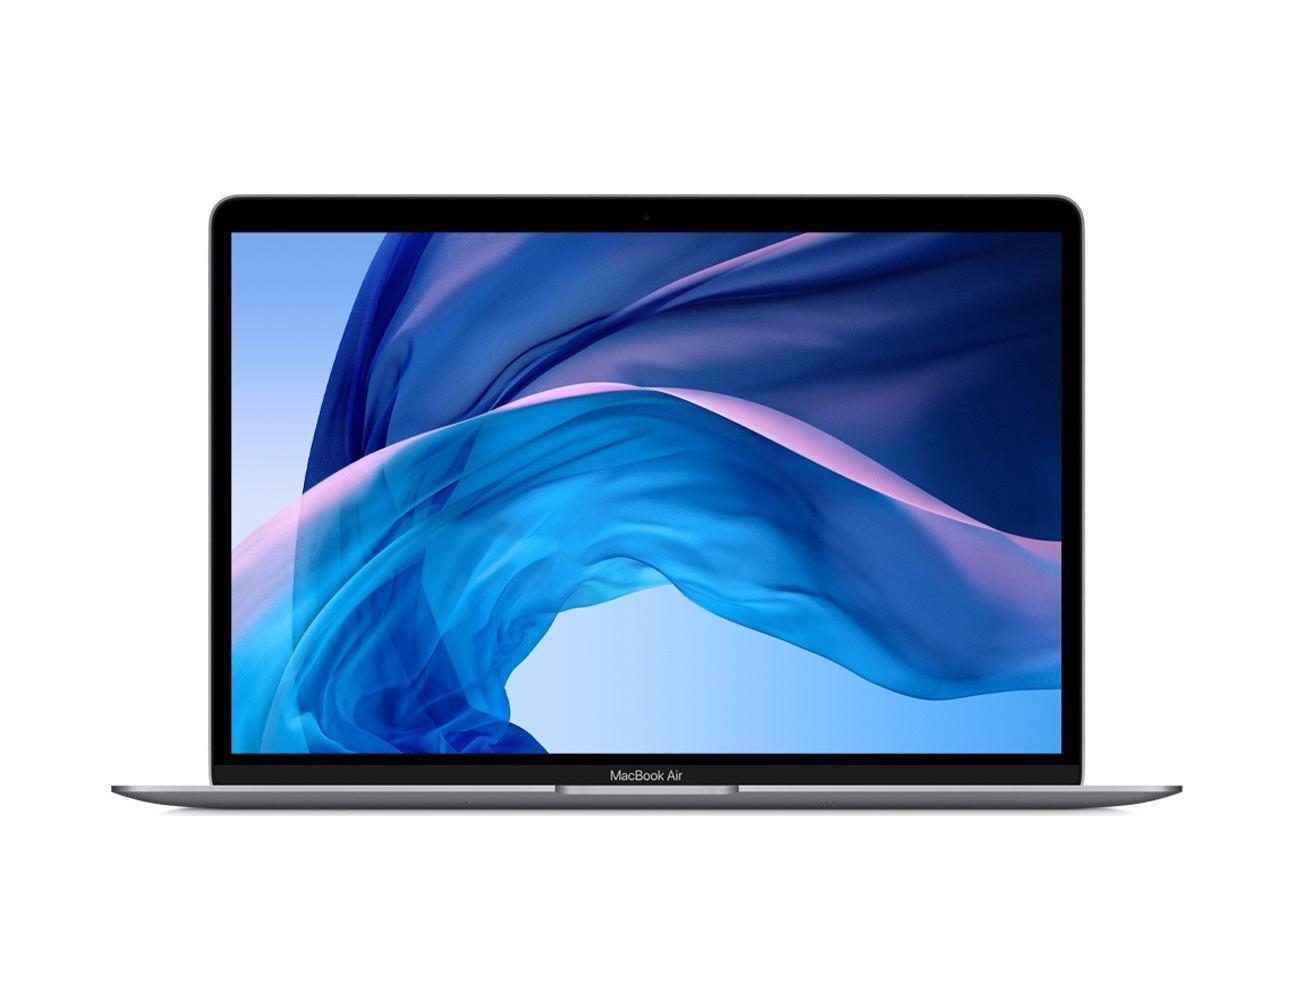 2022026-Apple-MacBook-Air-Grigio-Computer-portatile-33-8-cm-13-3-2560-x-1600-P